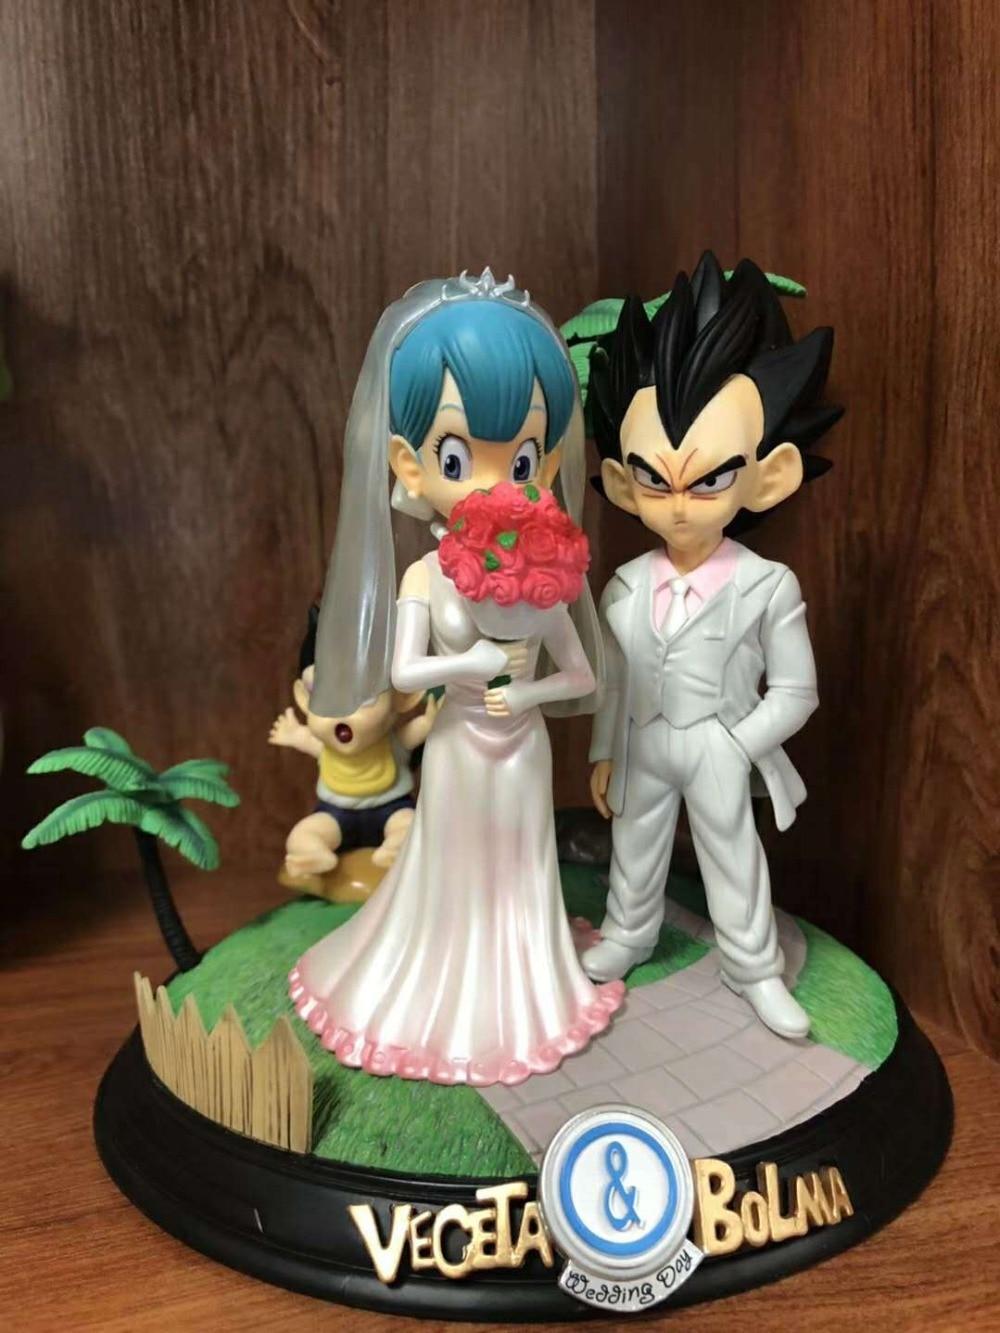 Горячий Жемчуг дракона Супер Saiyan принц Вегета Bulma женится на свадьбе день бурума детские трусы сцена фигурка игрушки лучший подарок